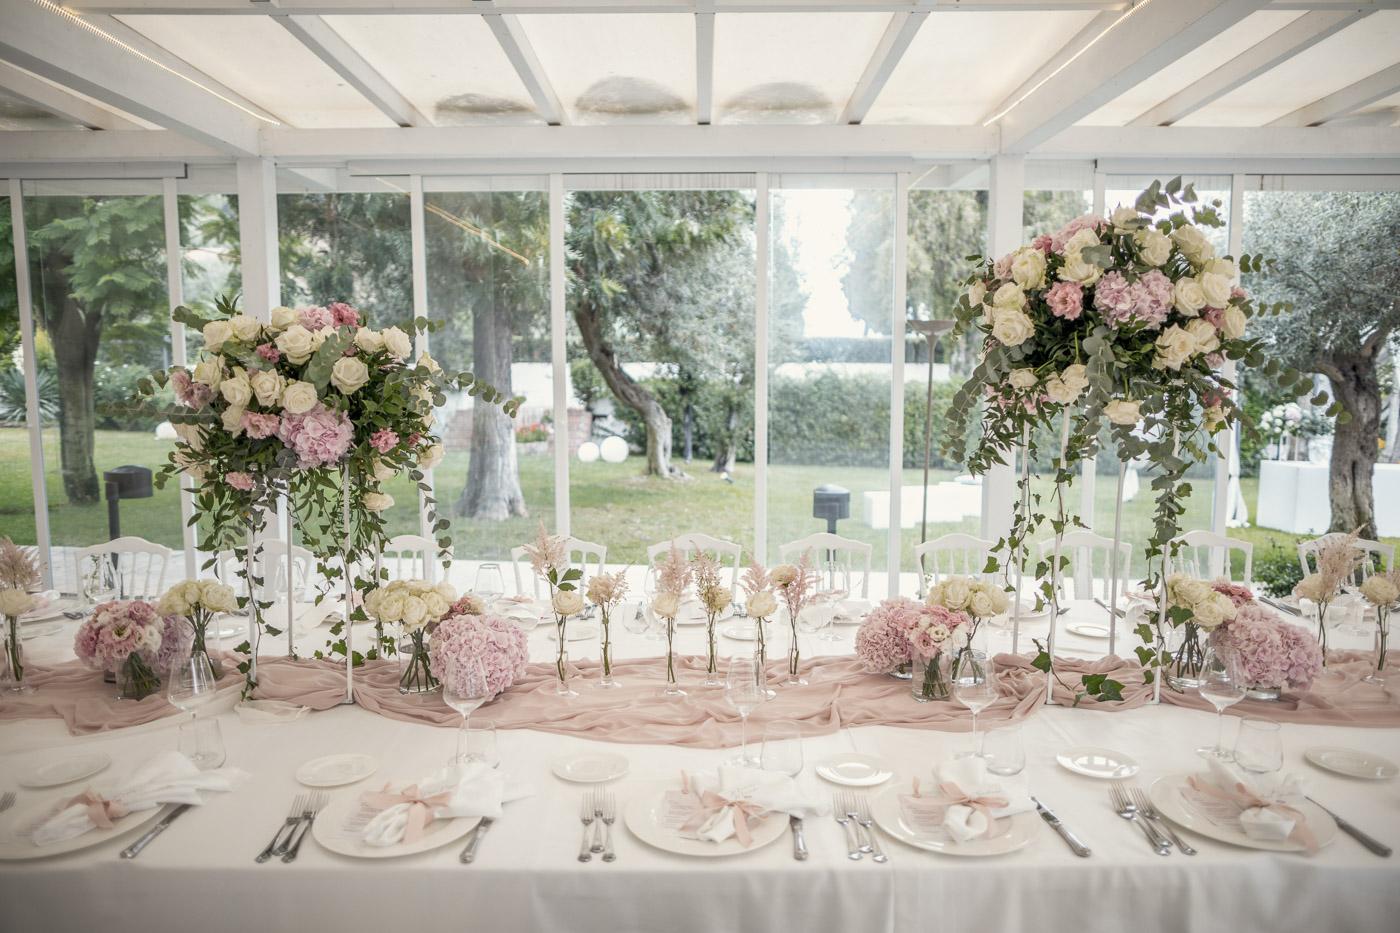 Decoro floreale, tavolo, sposi, cena, Matrimonio, Villa Mon Repos